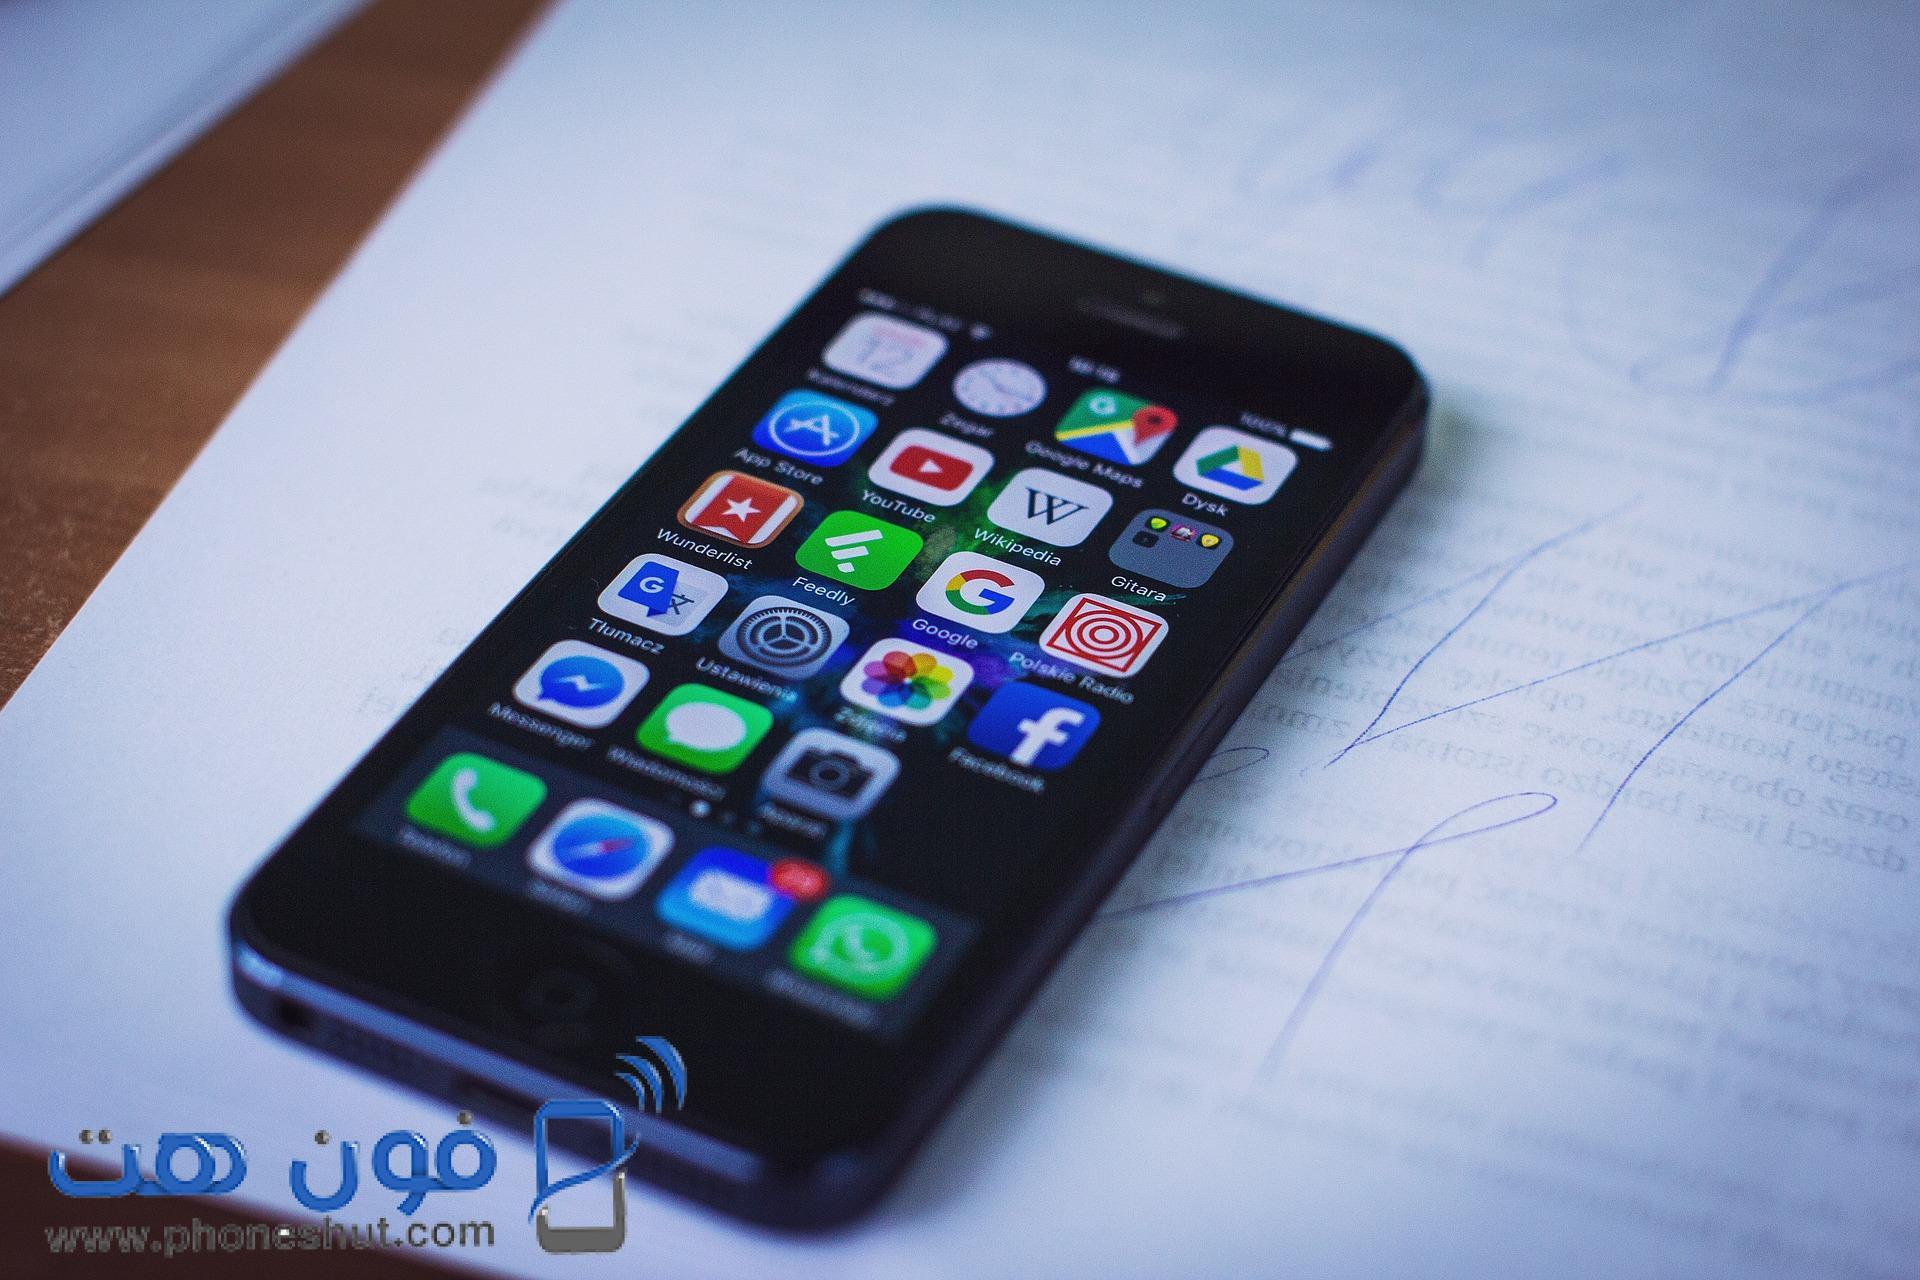 أسعار موبايلات أيفون في الإمارات